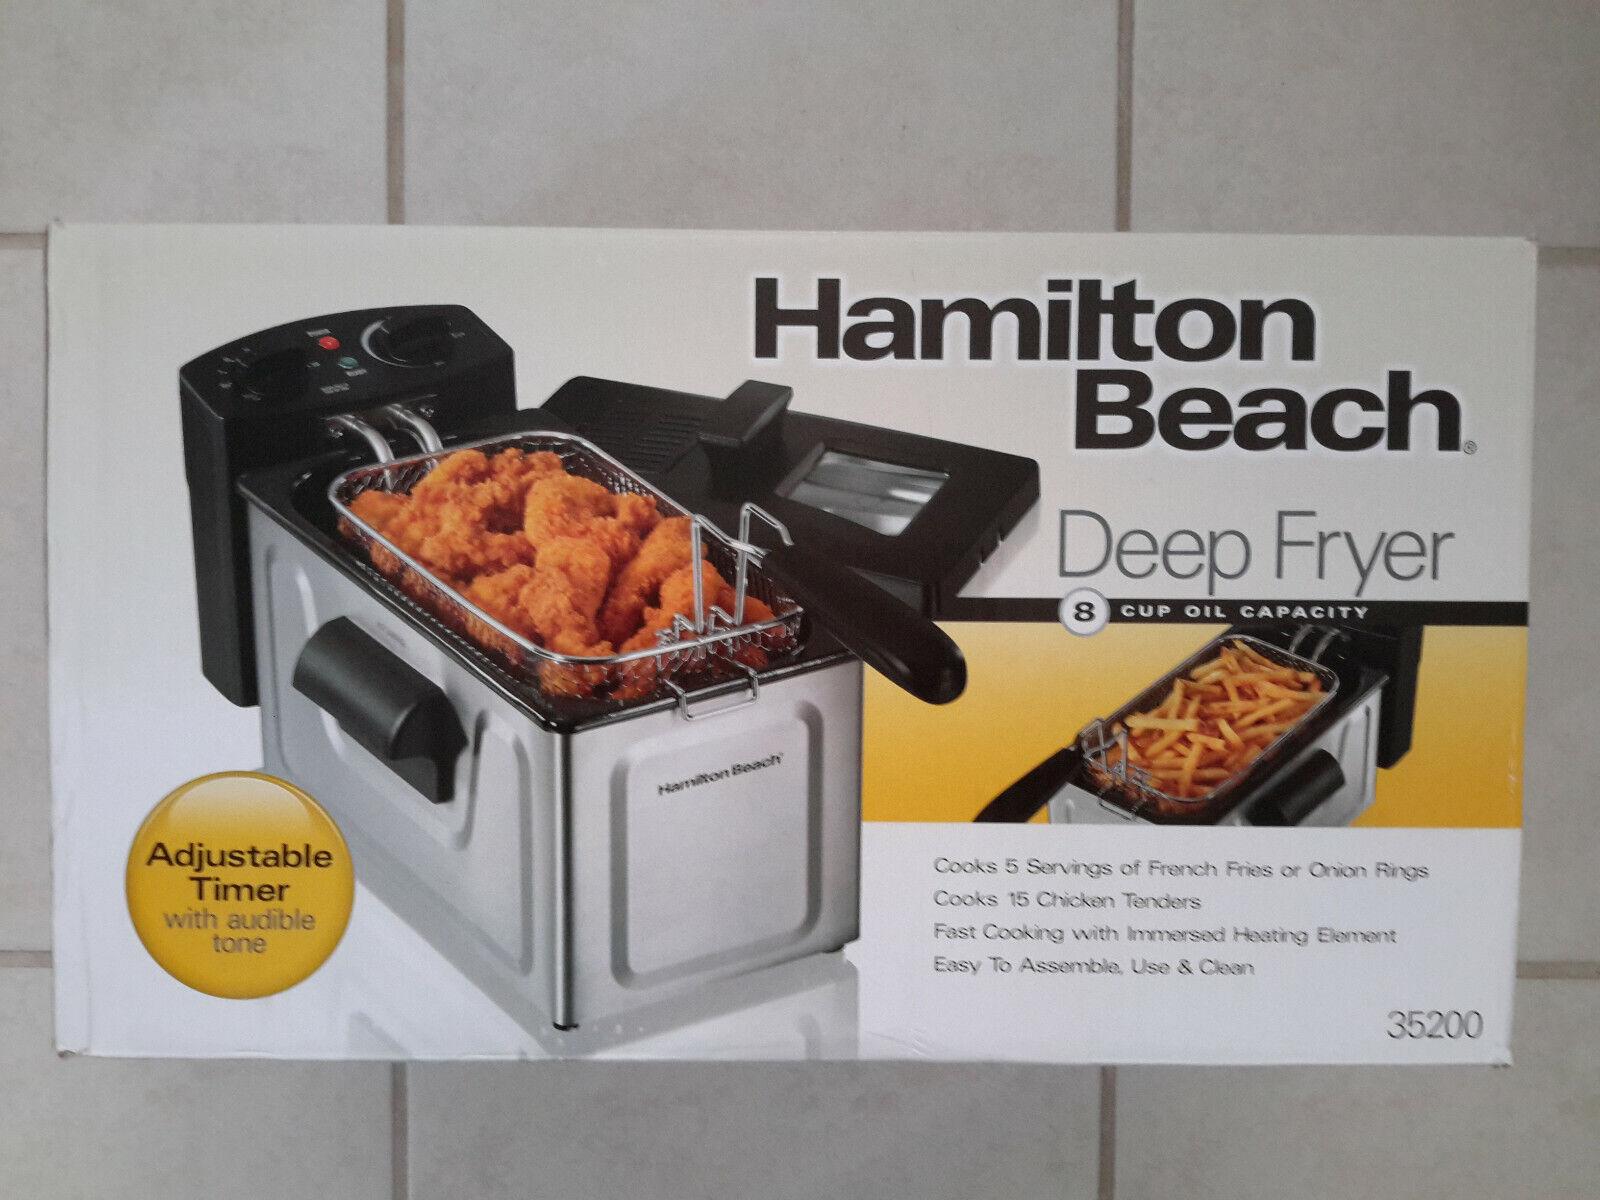 Hamilton Beach® 8-Cup Oil Capacity Deep Fryer